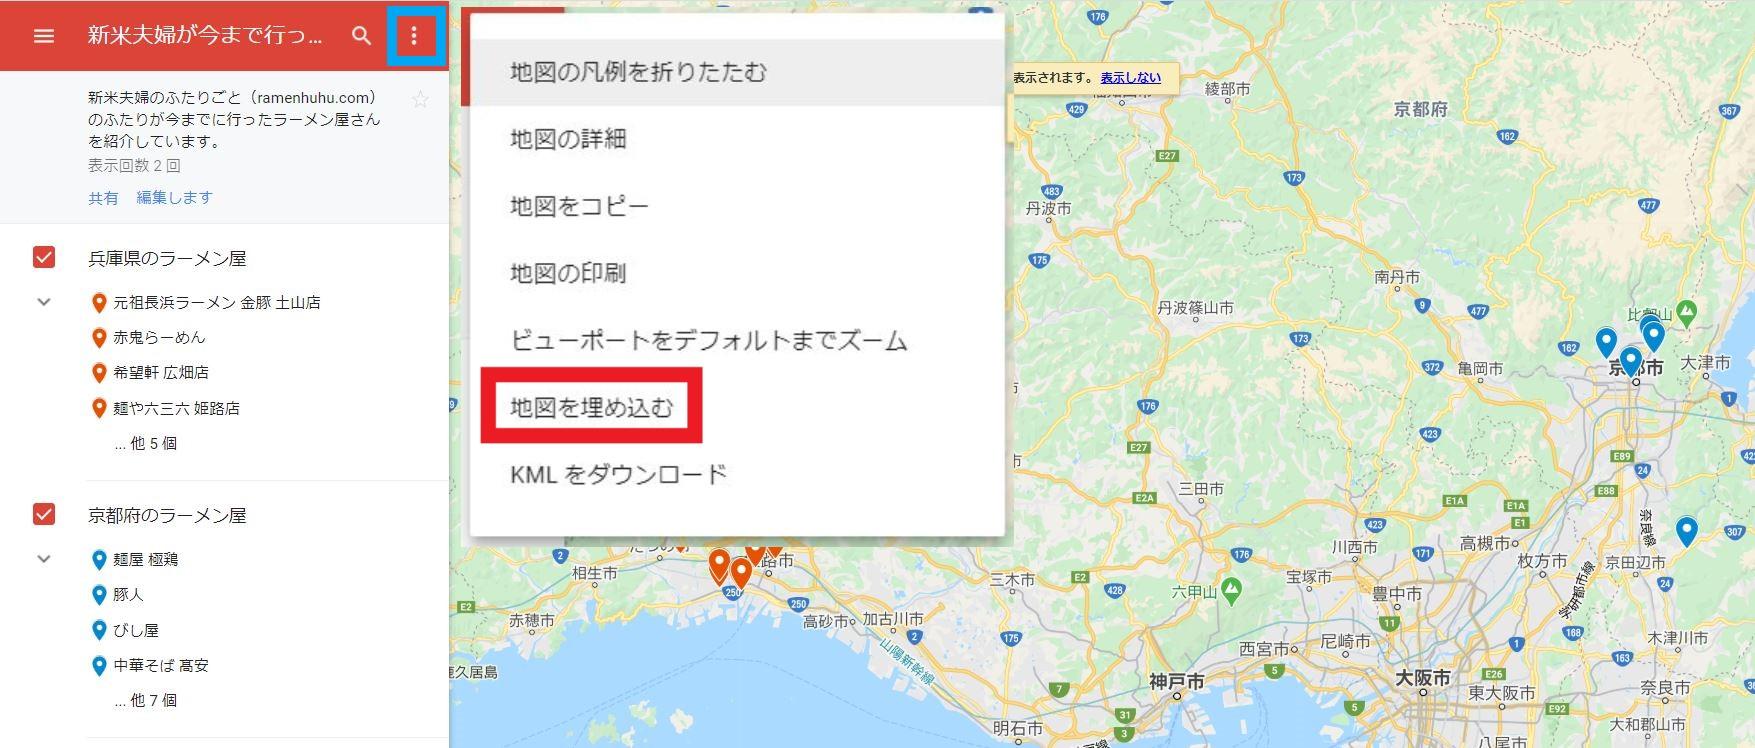 Googleマップでマイプレイスを作る方法12